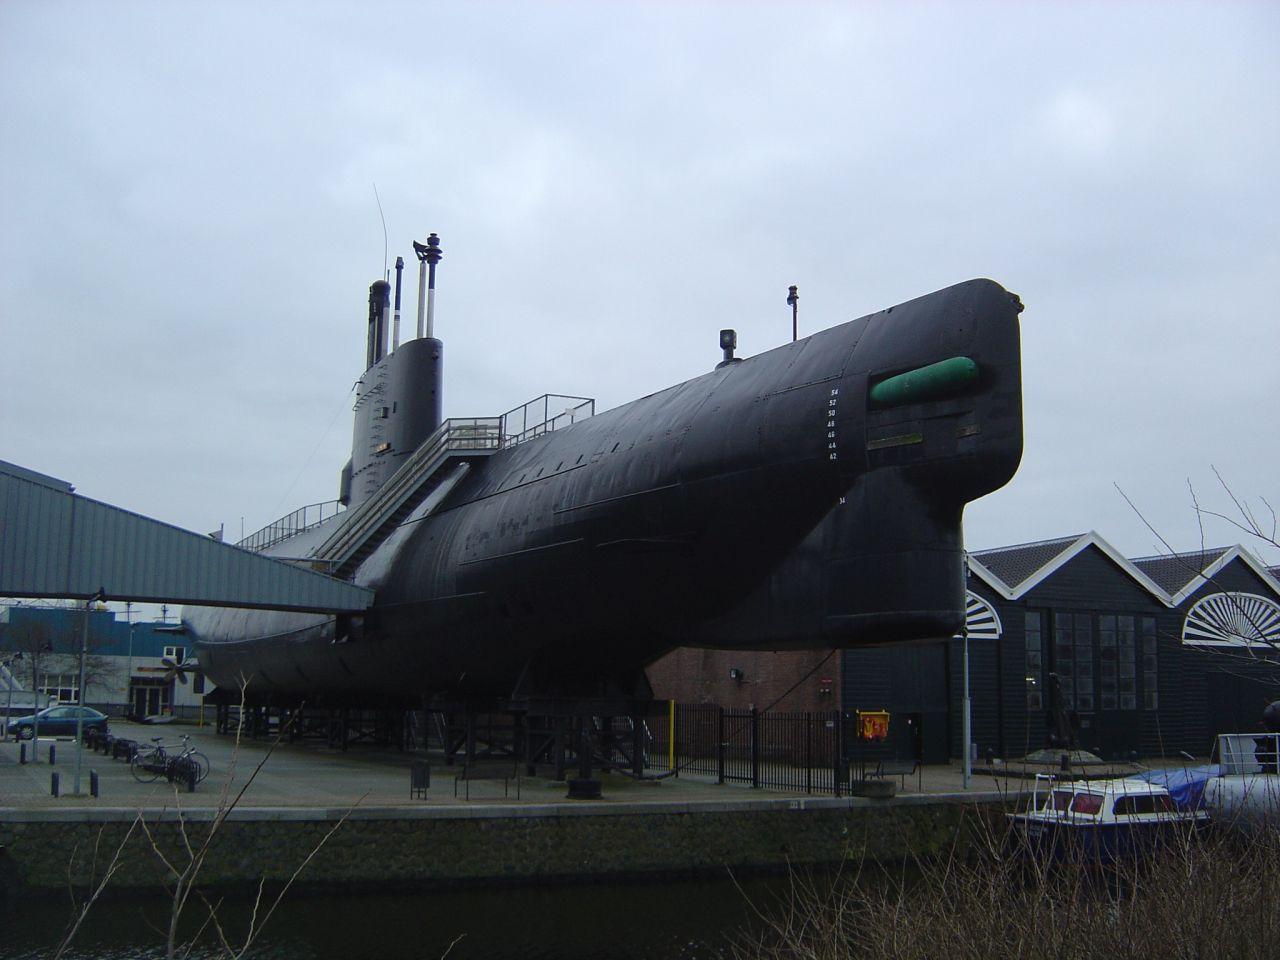 hollandia2019-tengeralattjaro.jpg